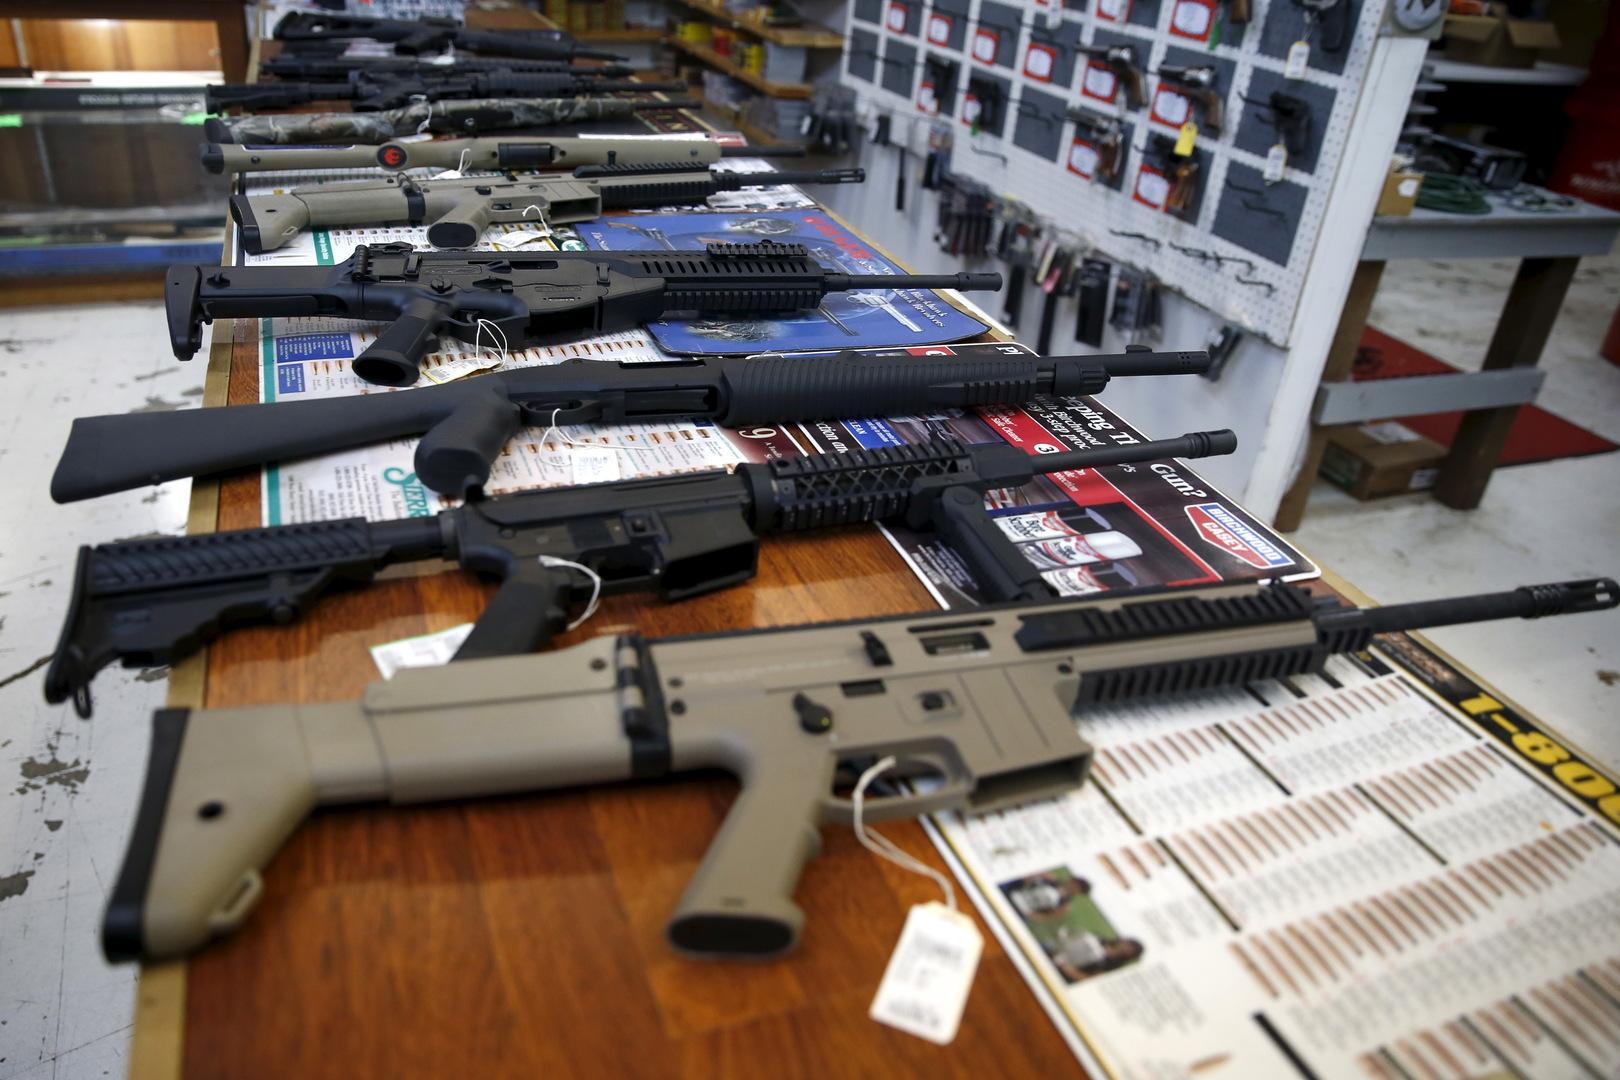 الأمريكيون يكنسون رفوف متاجر الأسلحة